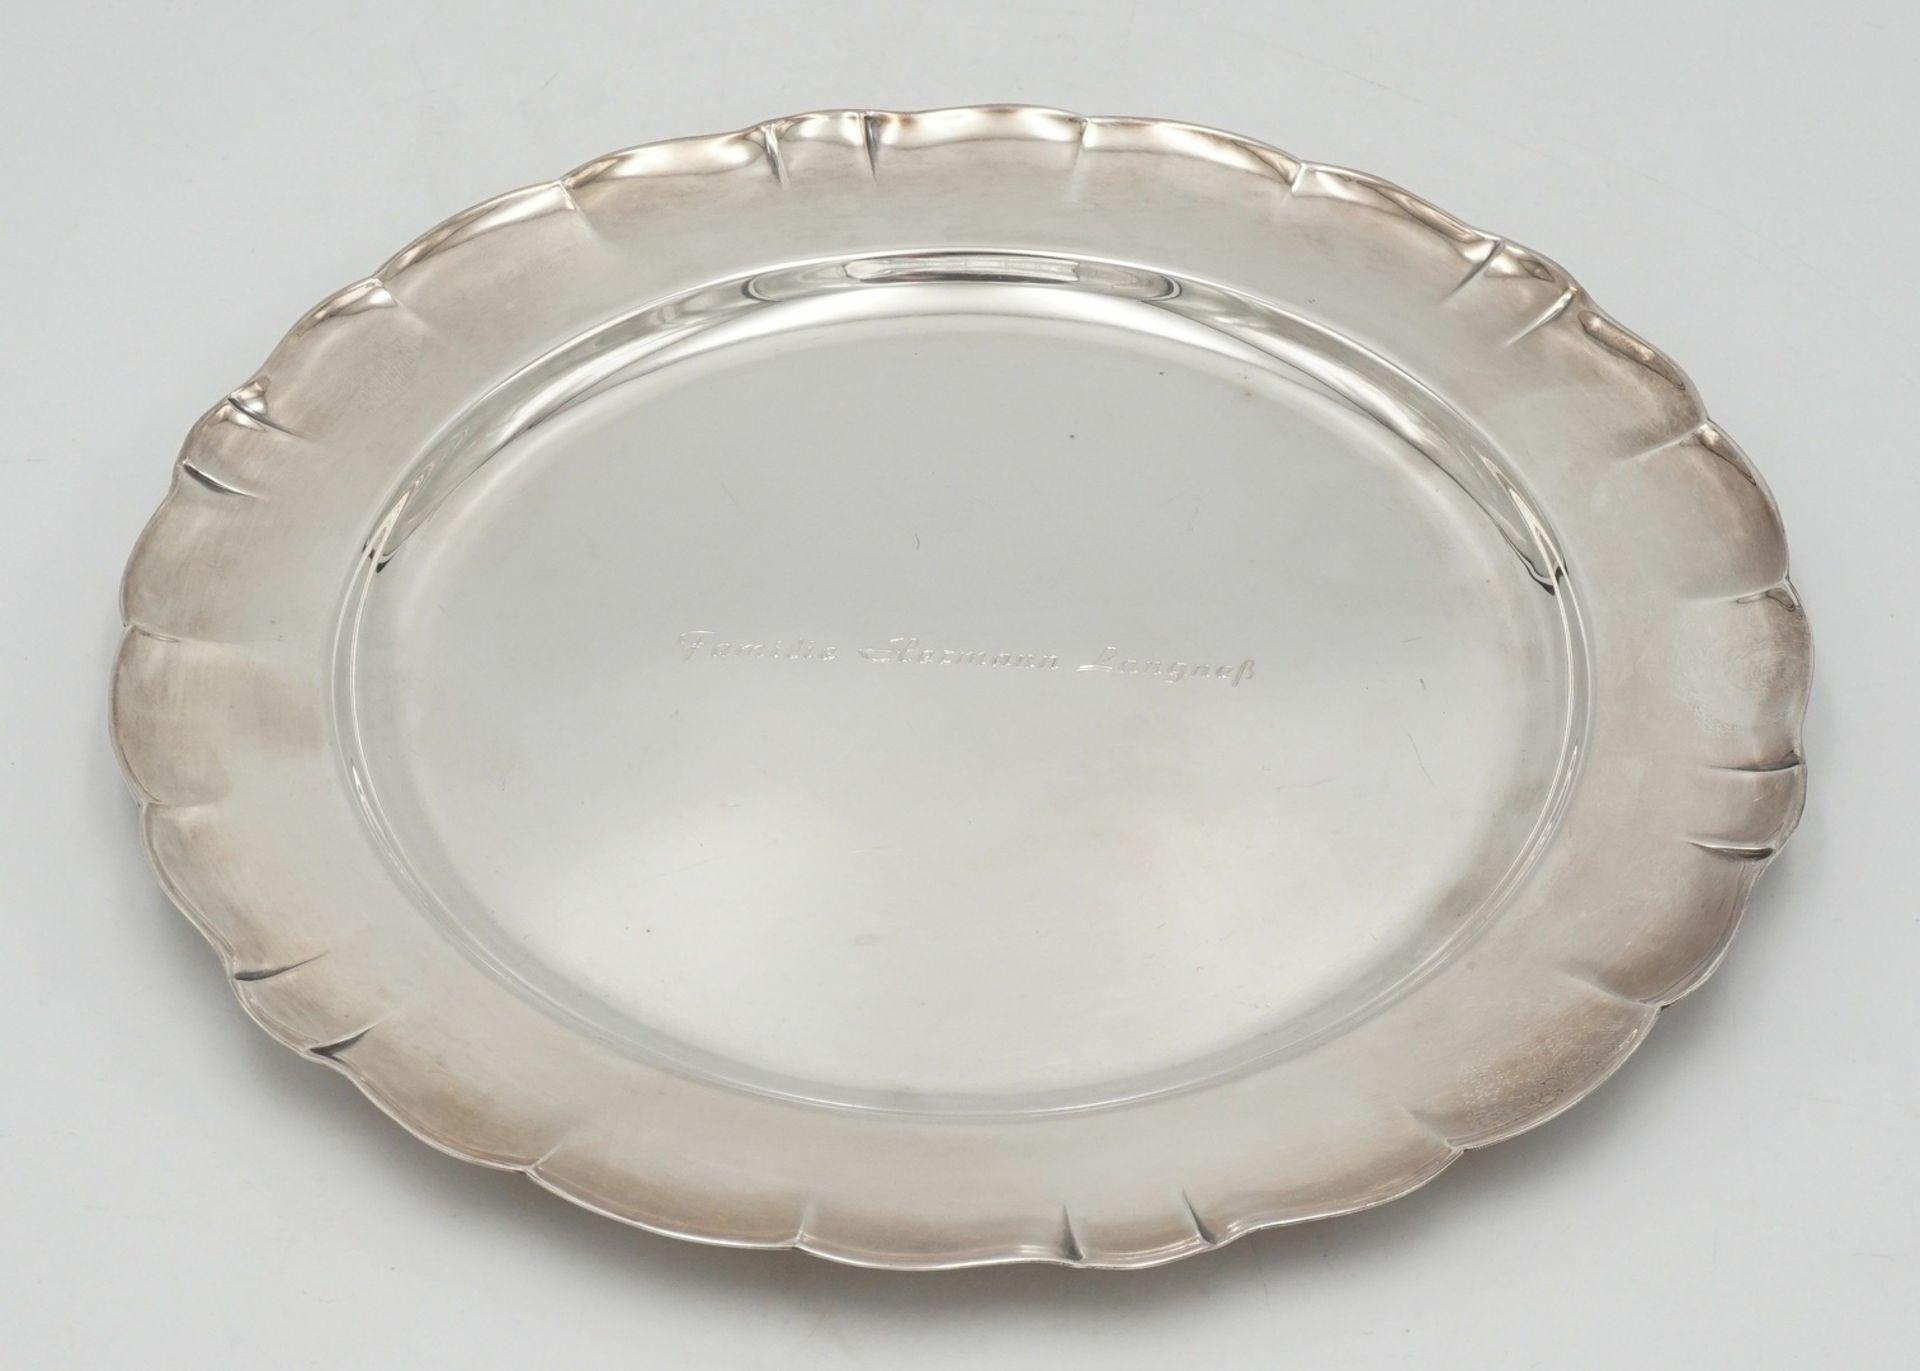 Runde Schale und schwedischer Teller - Bild 5 aus 8